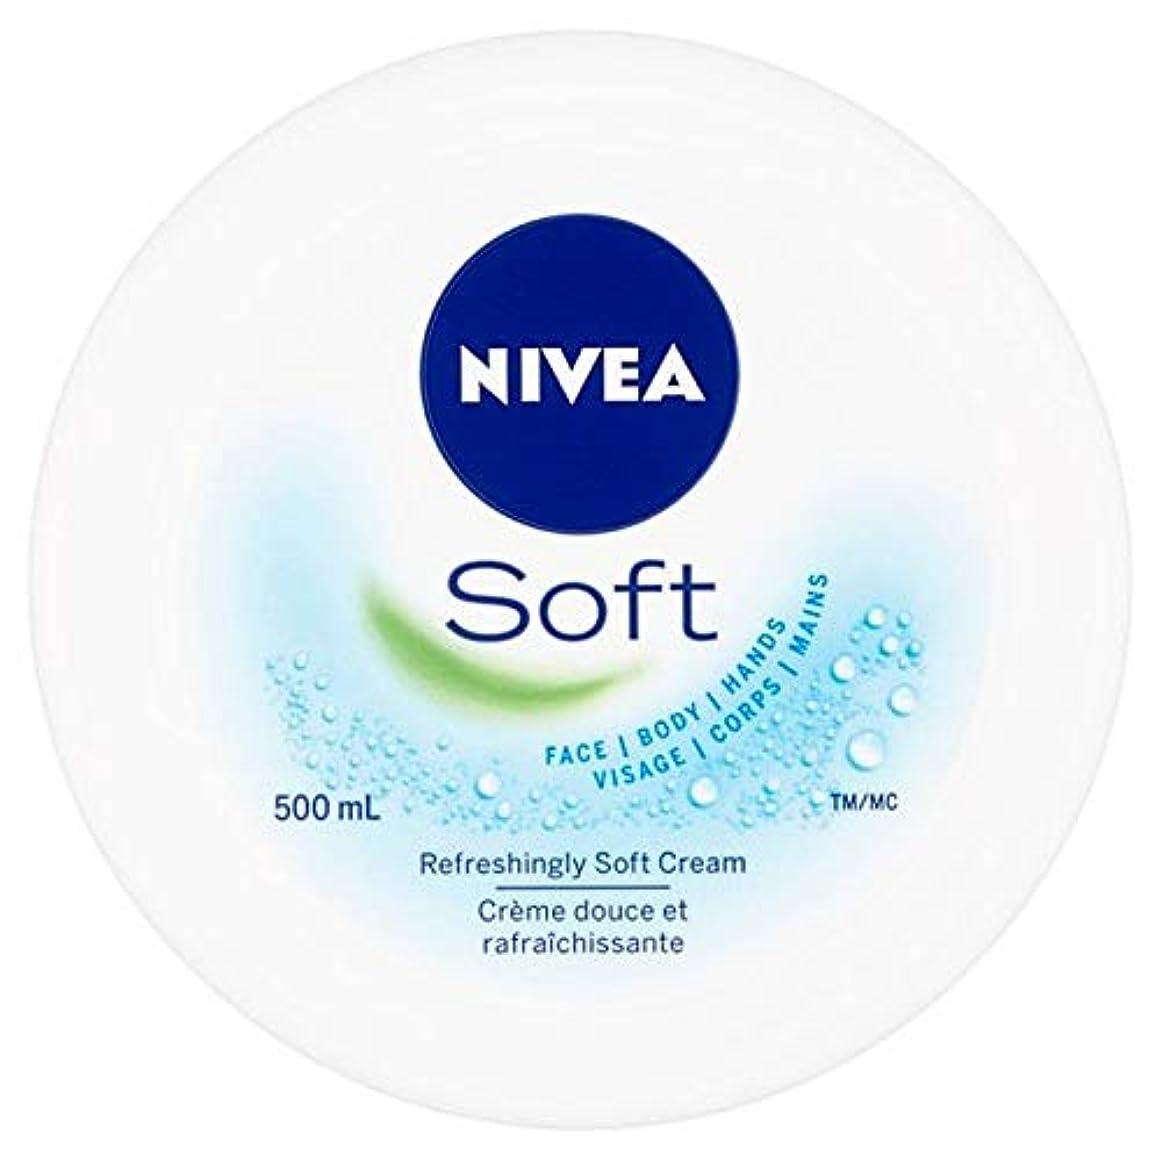 はしご死傷者メイド[Nivea] ニベアソフト爽やかなクリーム500ミリリットル - Nivea Soft Refreshing Cream 500Ml [並行輸入品]